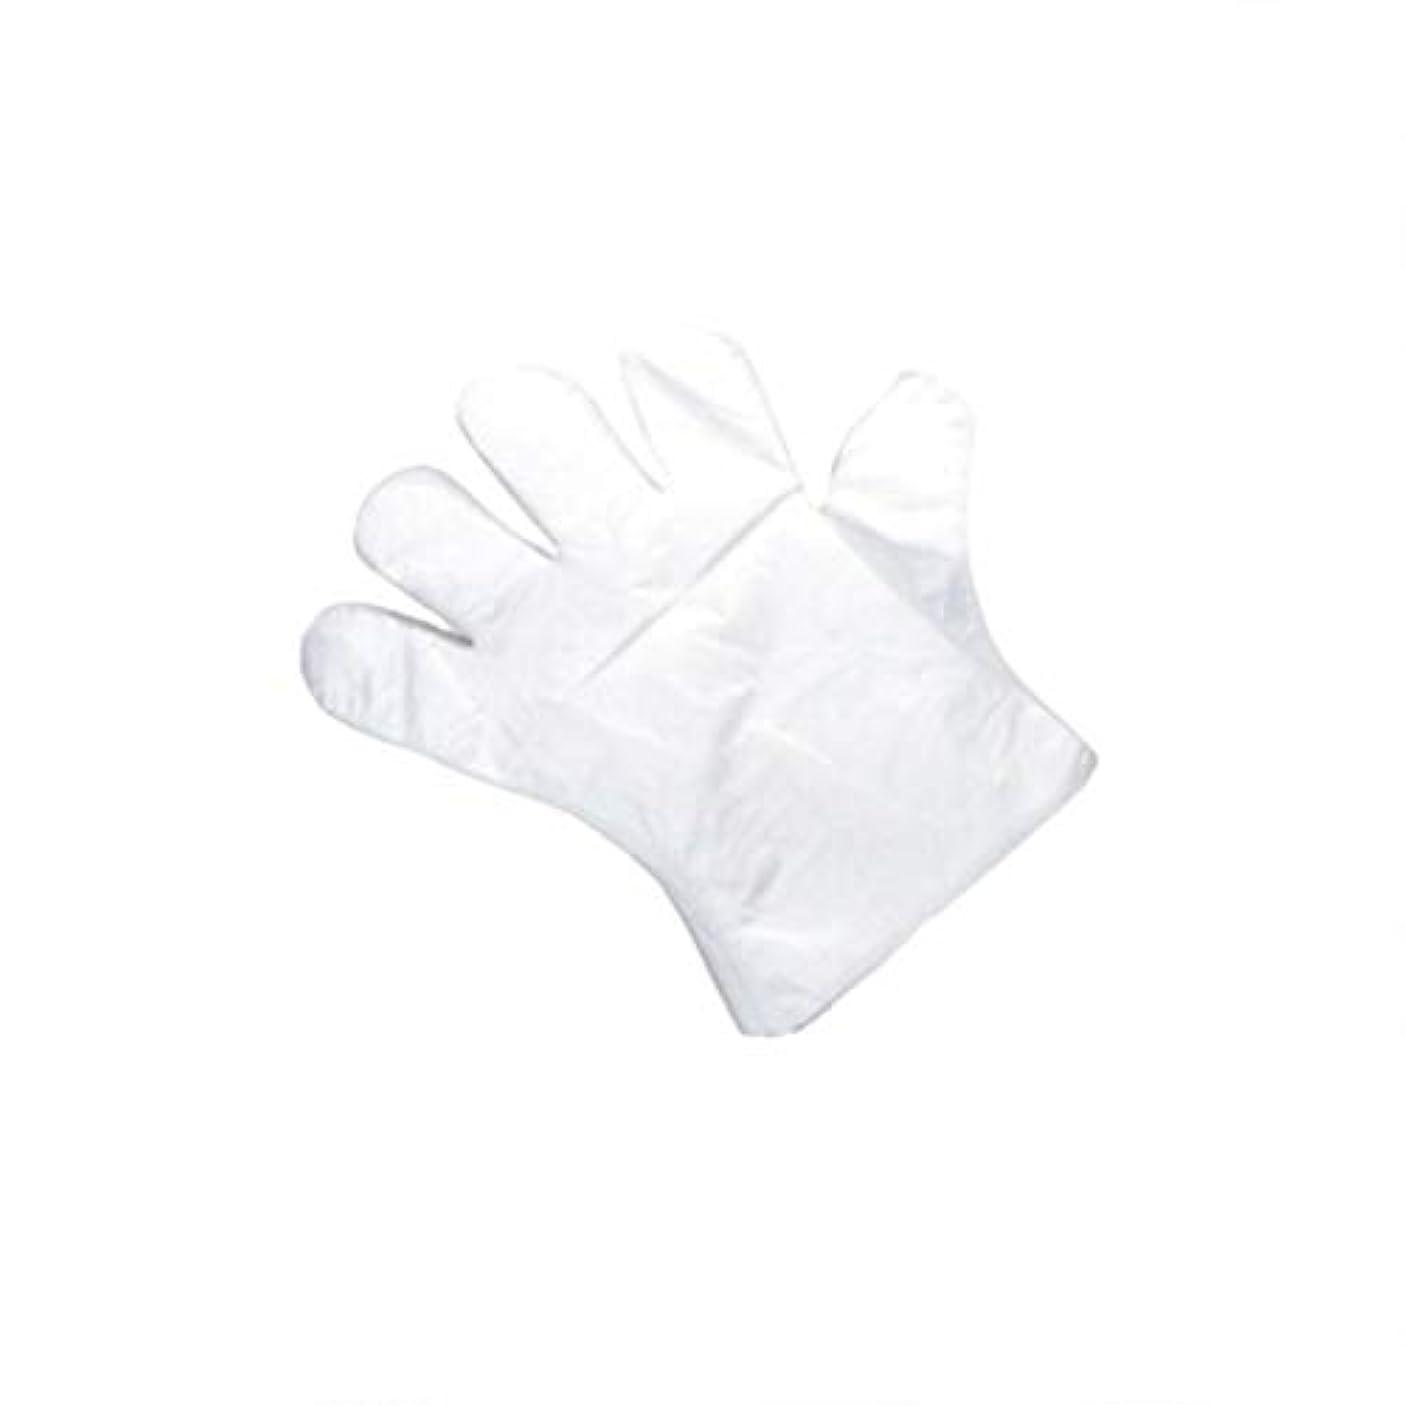 フライト召集するブレーキ手袋、使い捨て手袋、肥厚、抽出手袋、テーブル、ピクニック、100スーツ。